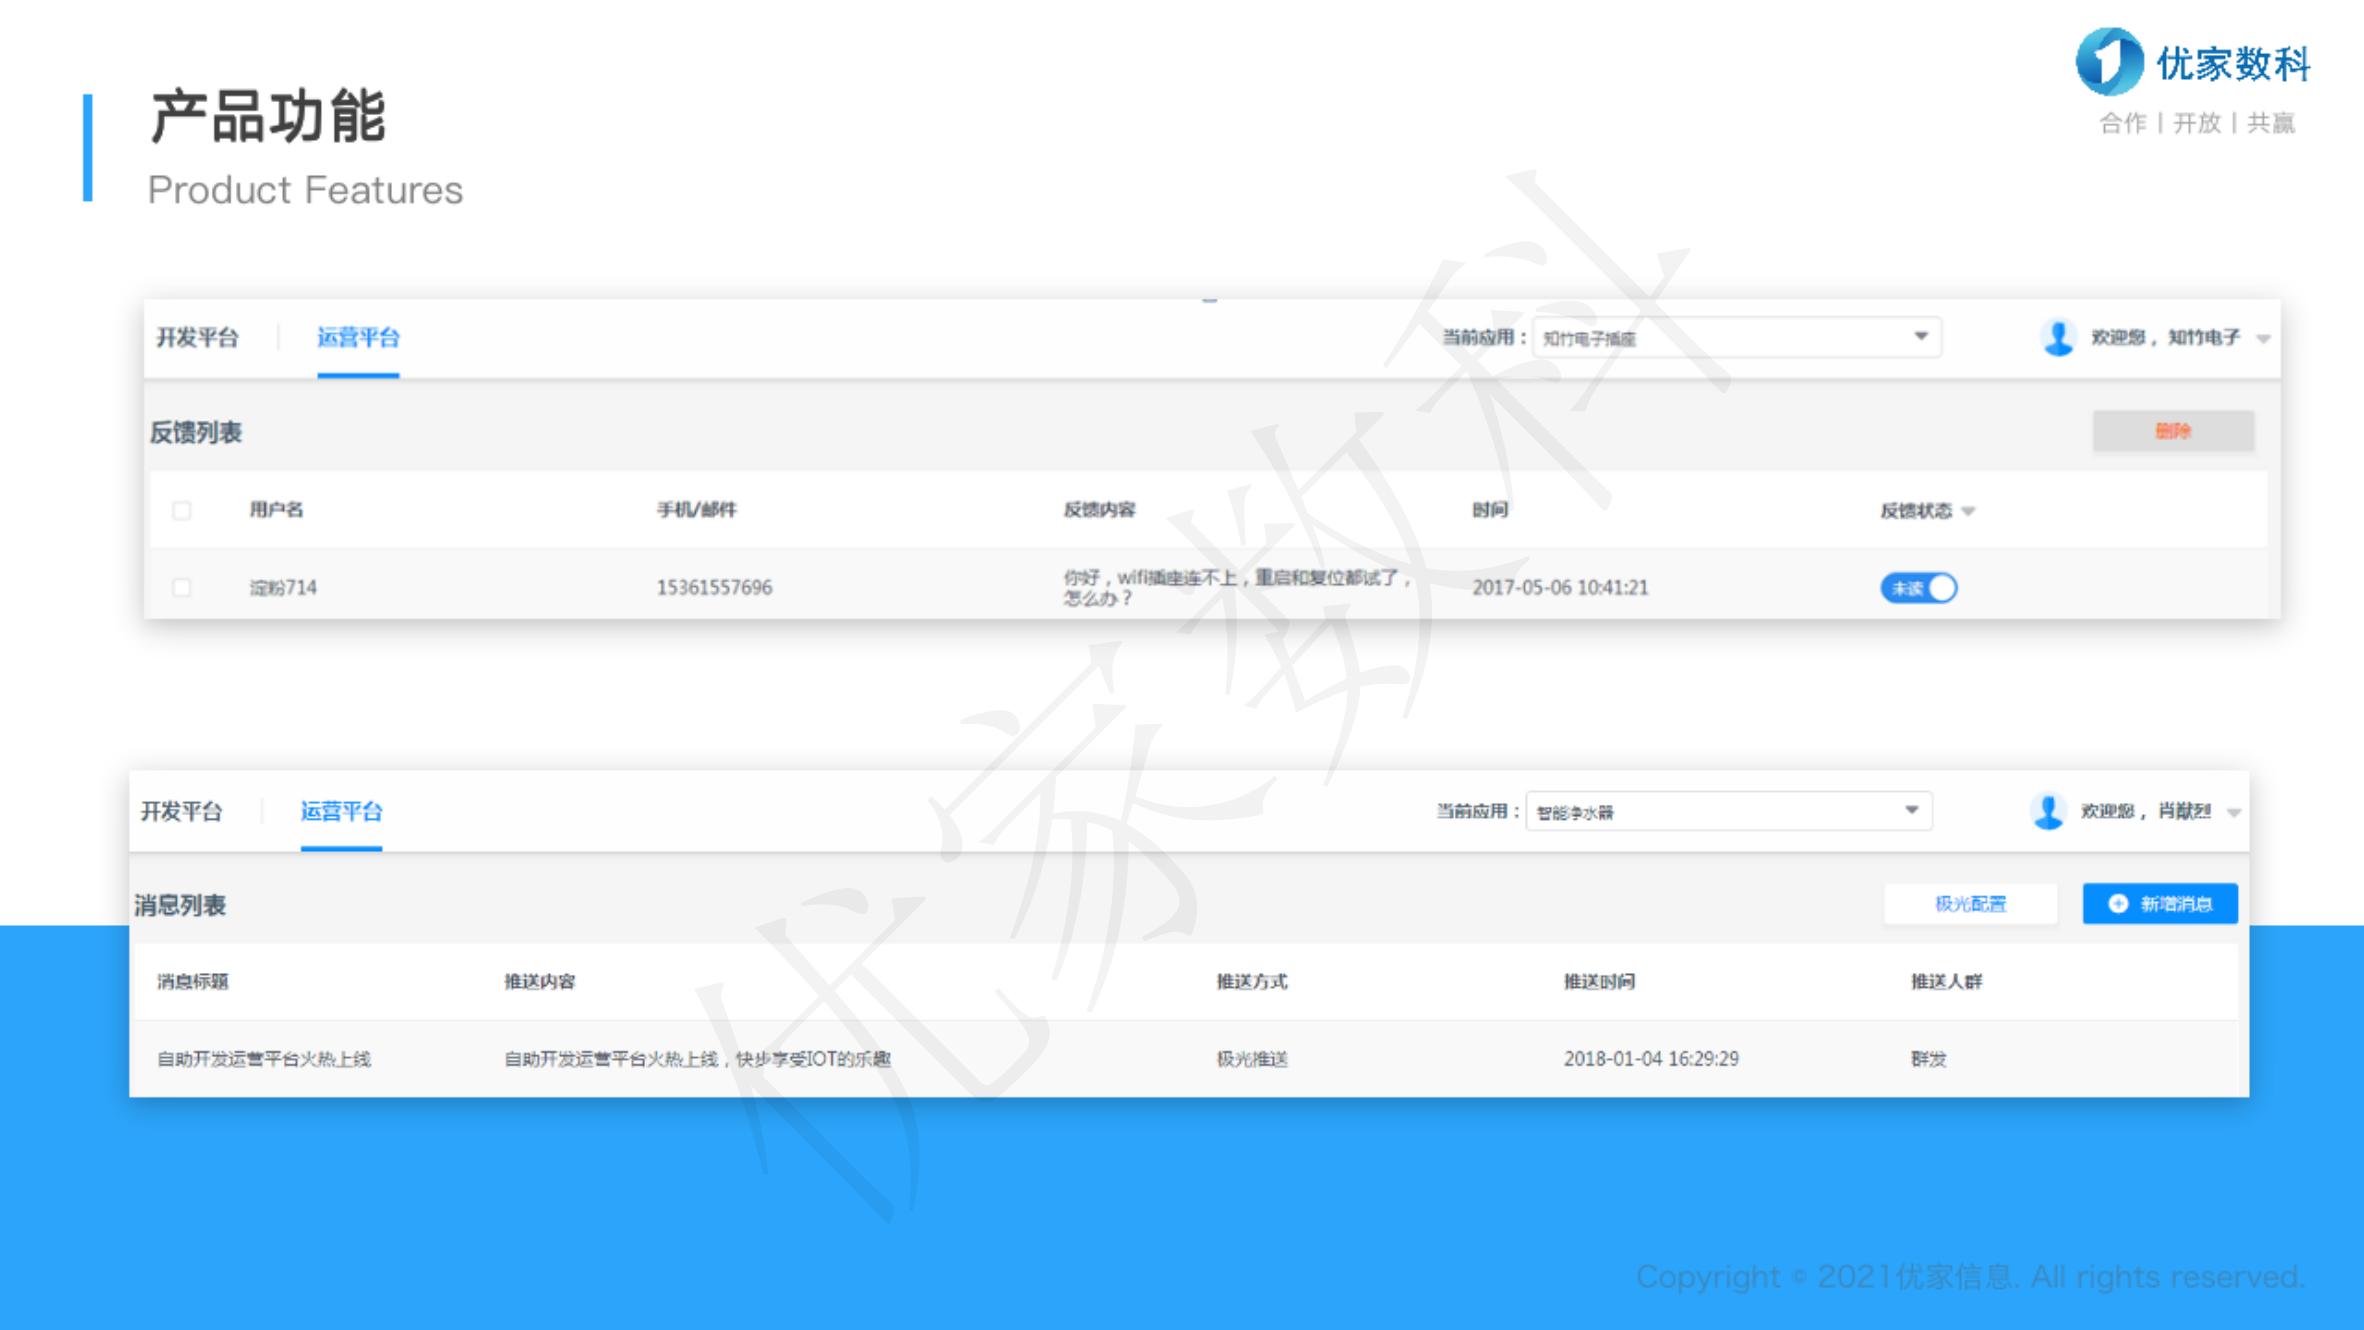 15优家数科自助开发及运营平台简介(水印)_10.png